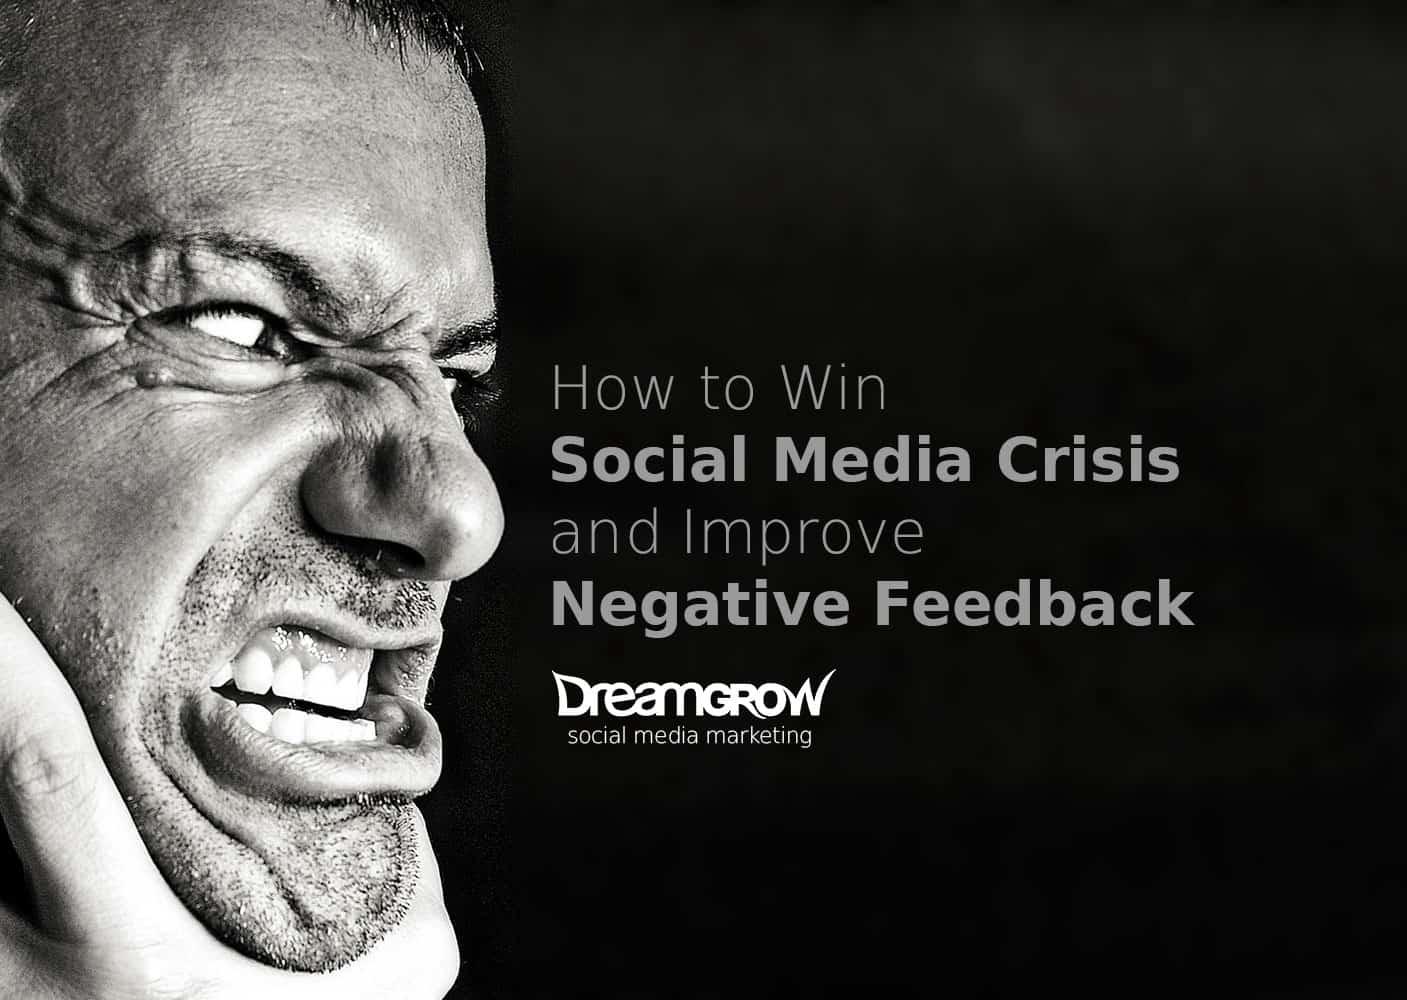 managing social media crisis and negative feedback